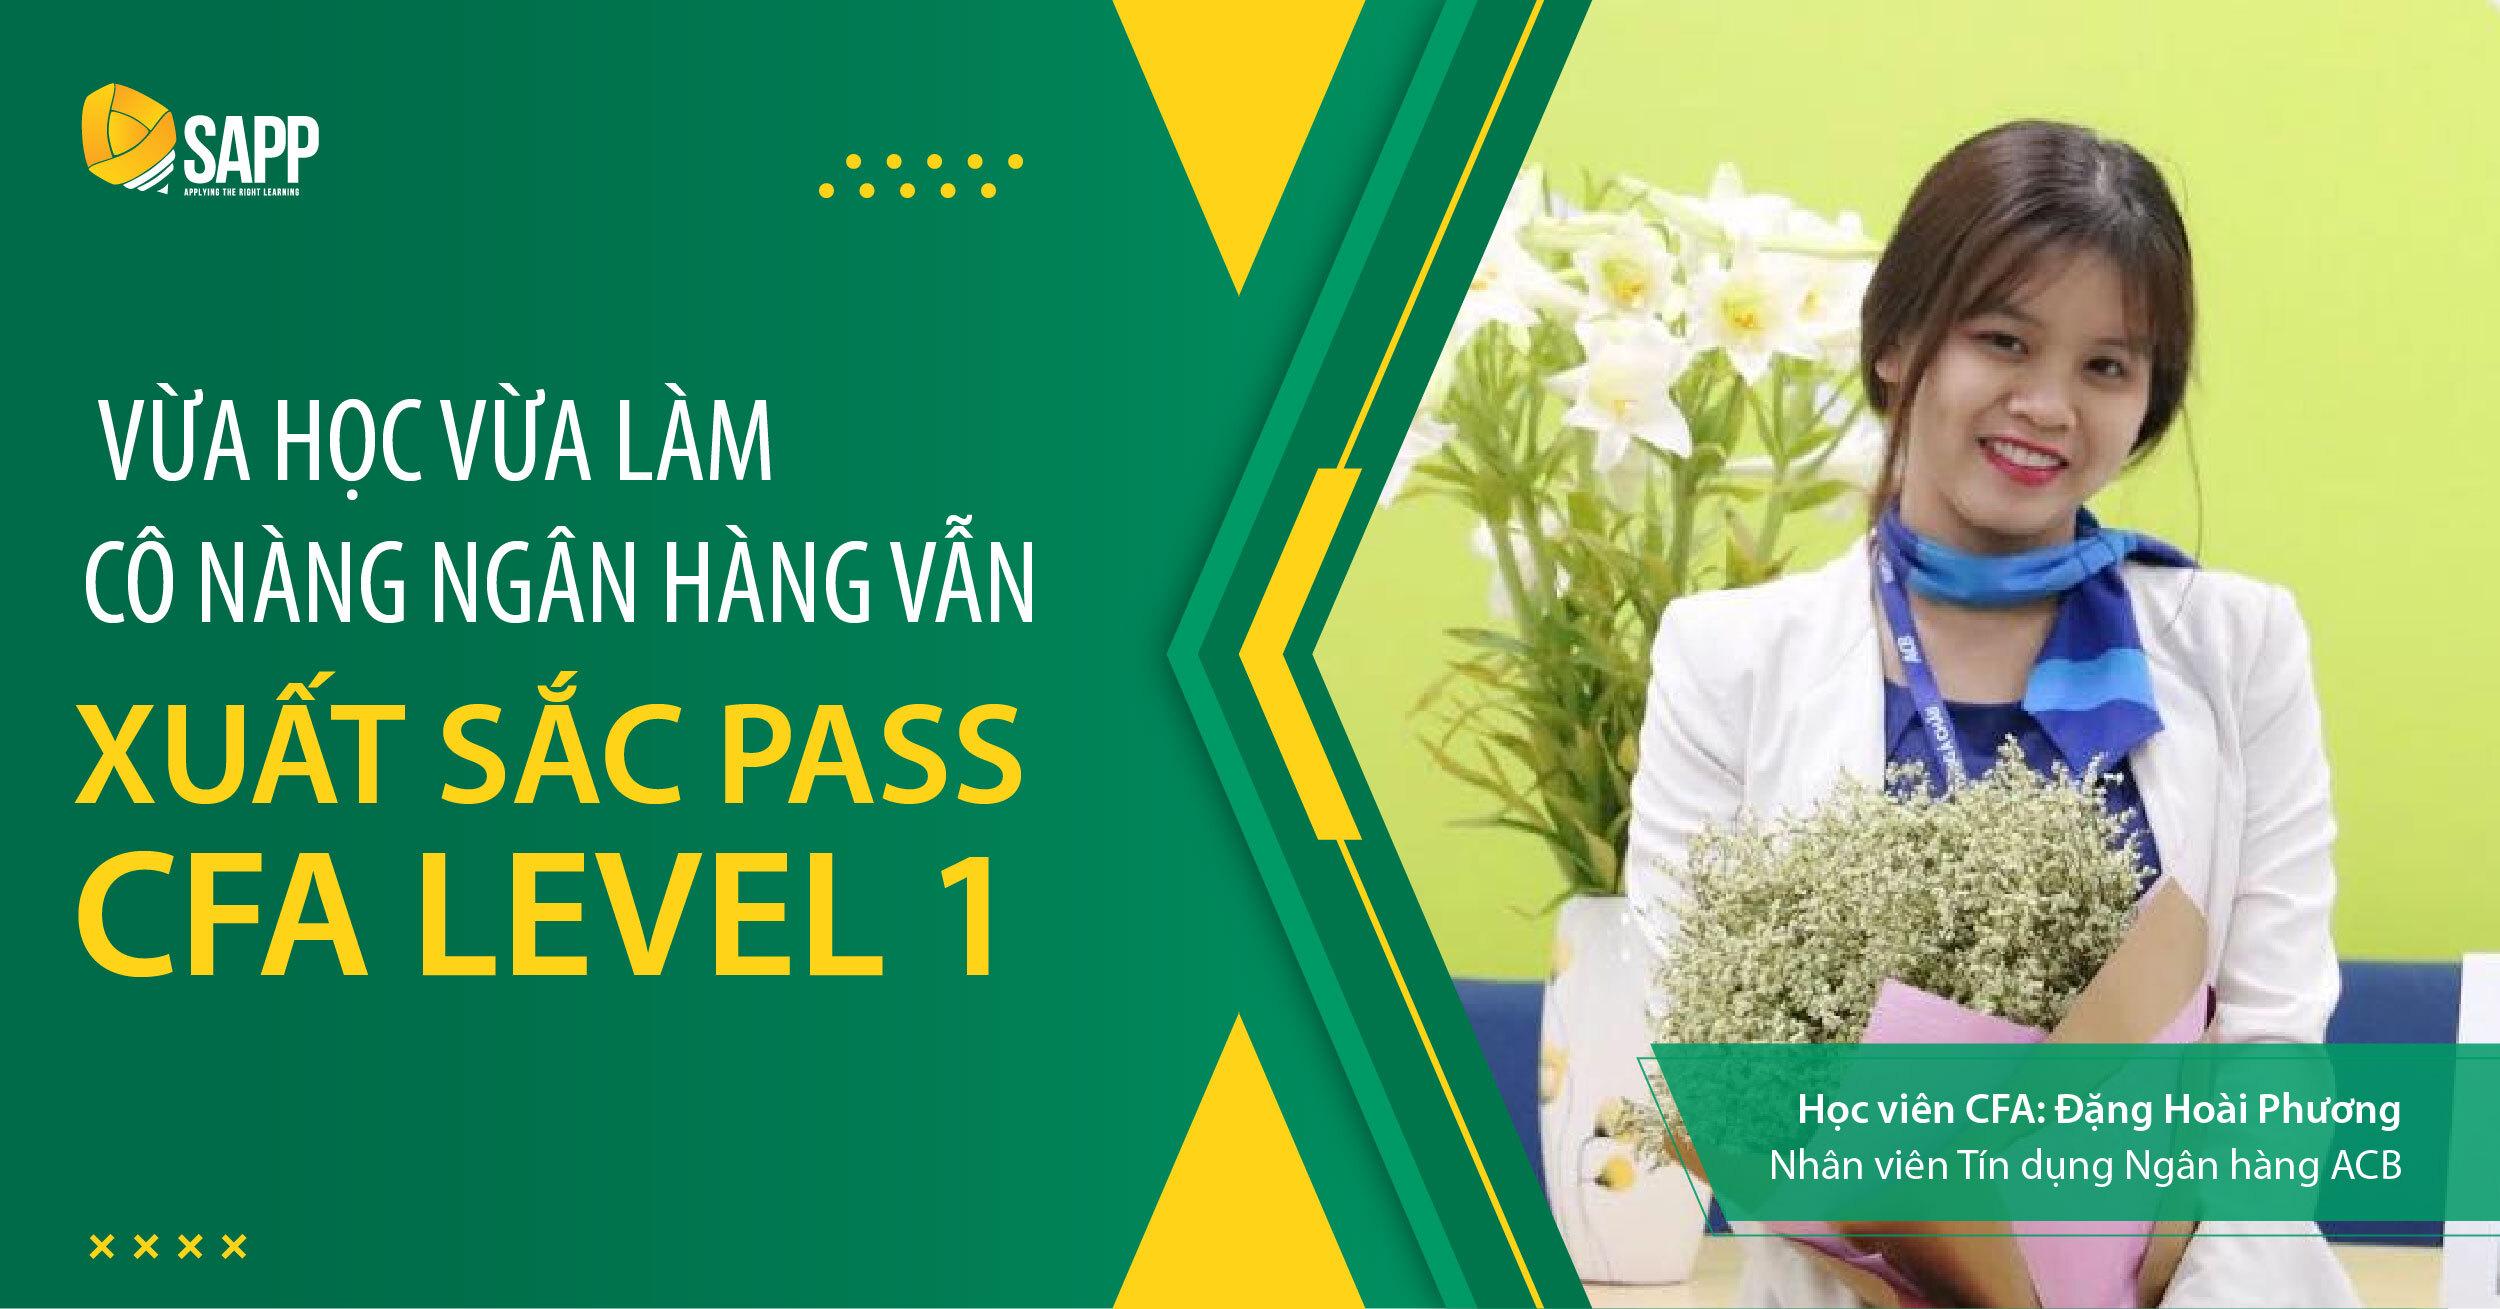 Vừa Học Vừa Làm, Cô Nàng Ngân Hàng Vẫn Xuất Sắc Pass CFA Level 1